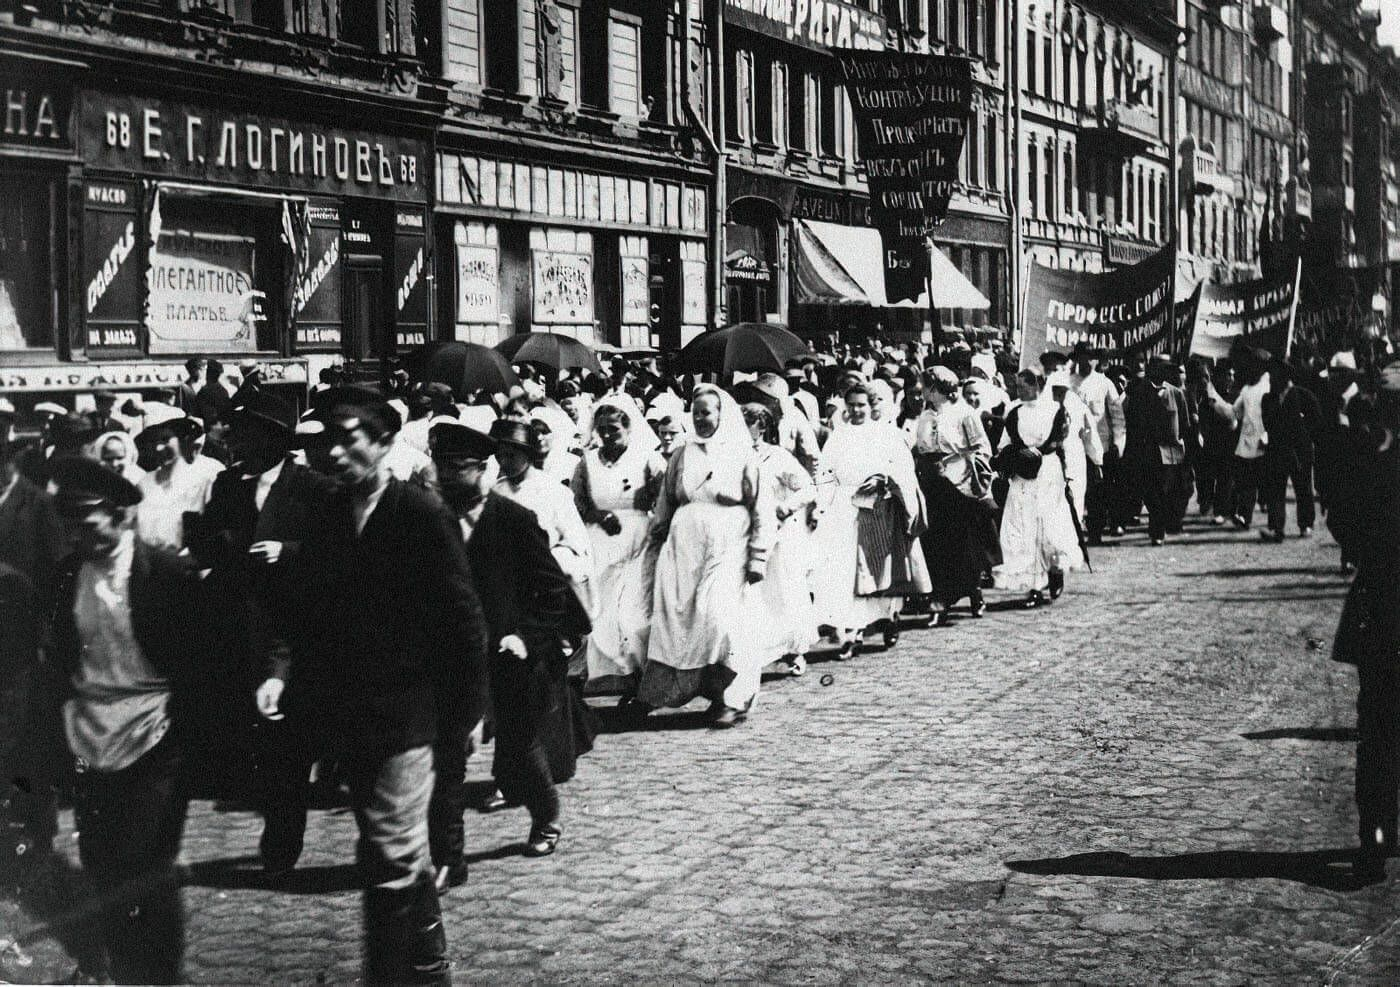 Политическая демонстрация против Временного правительства, 1июля 1917. Фото: неизвестный автор, russiainphoto.ru